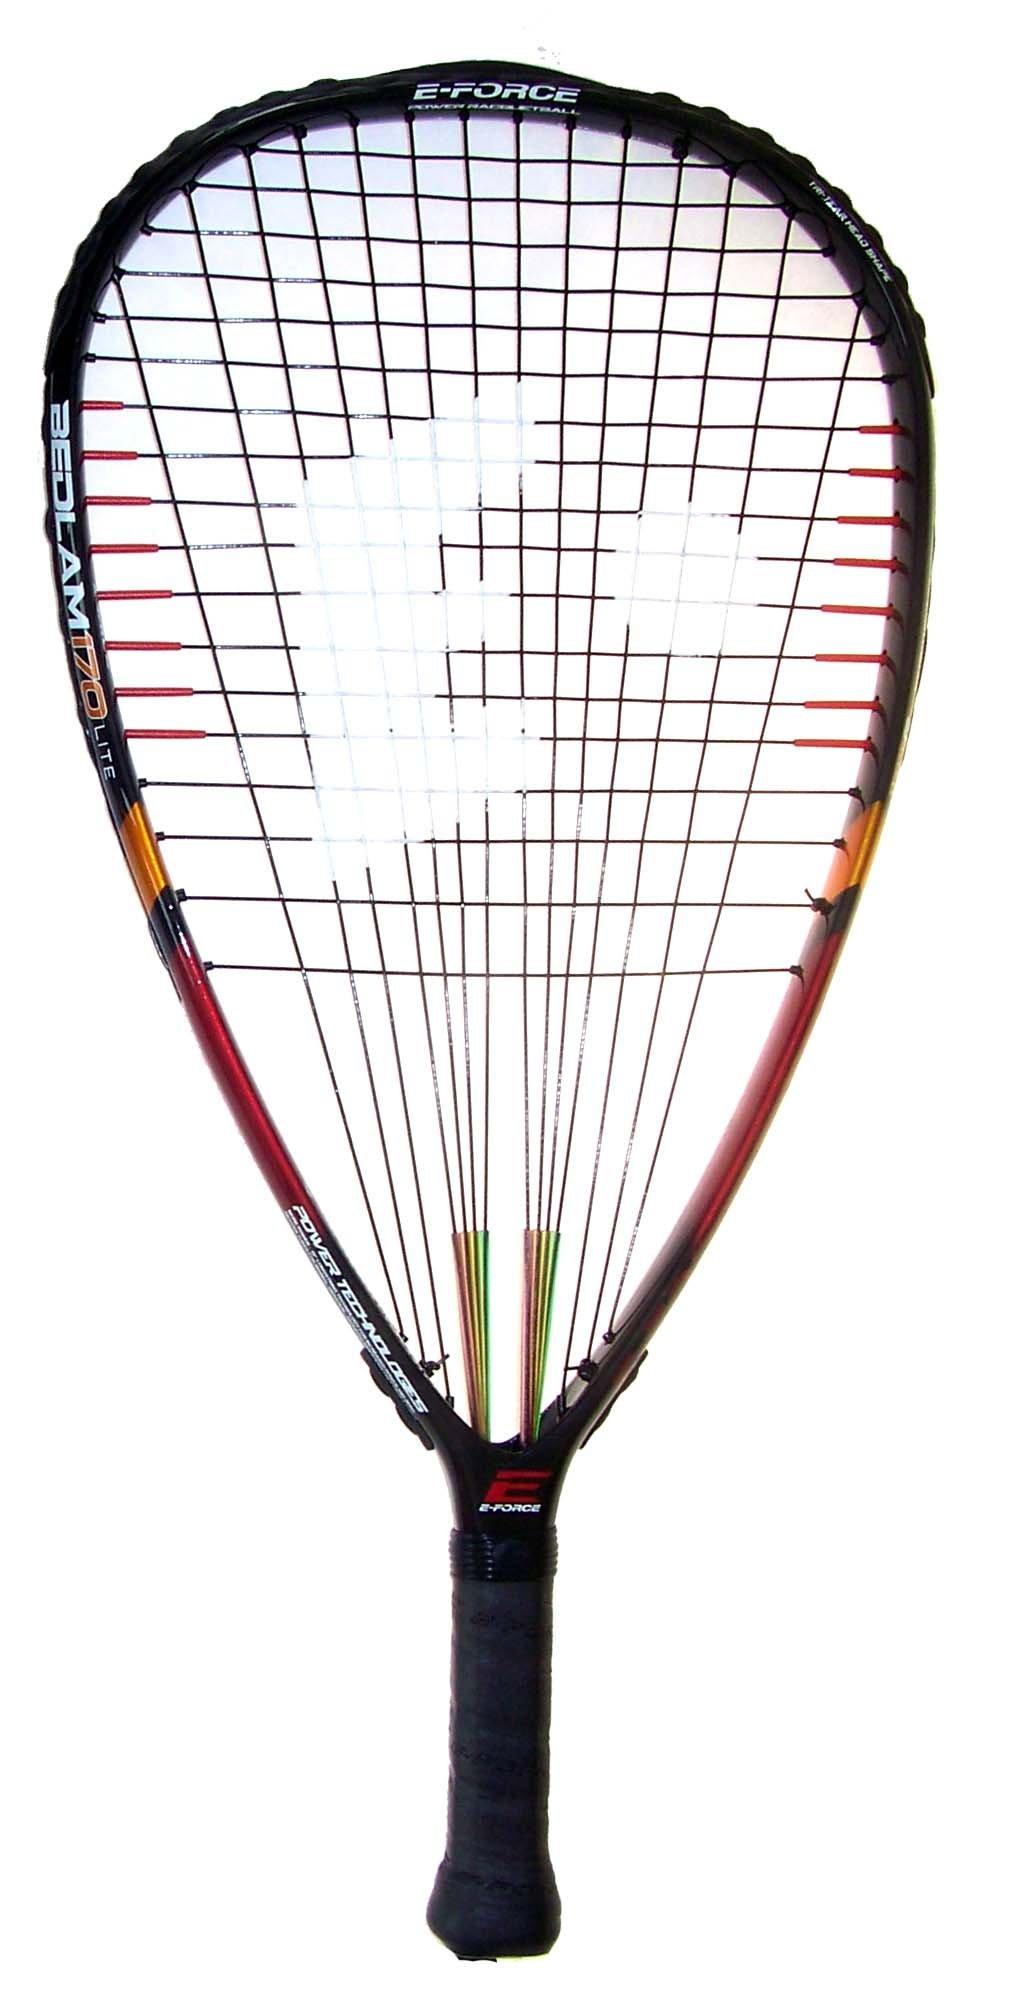 E-Force 2016 Bedlam 170 Lite Racquetball Racquet